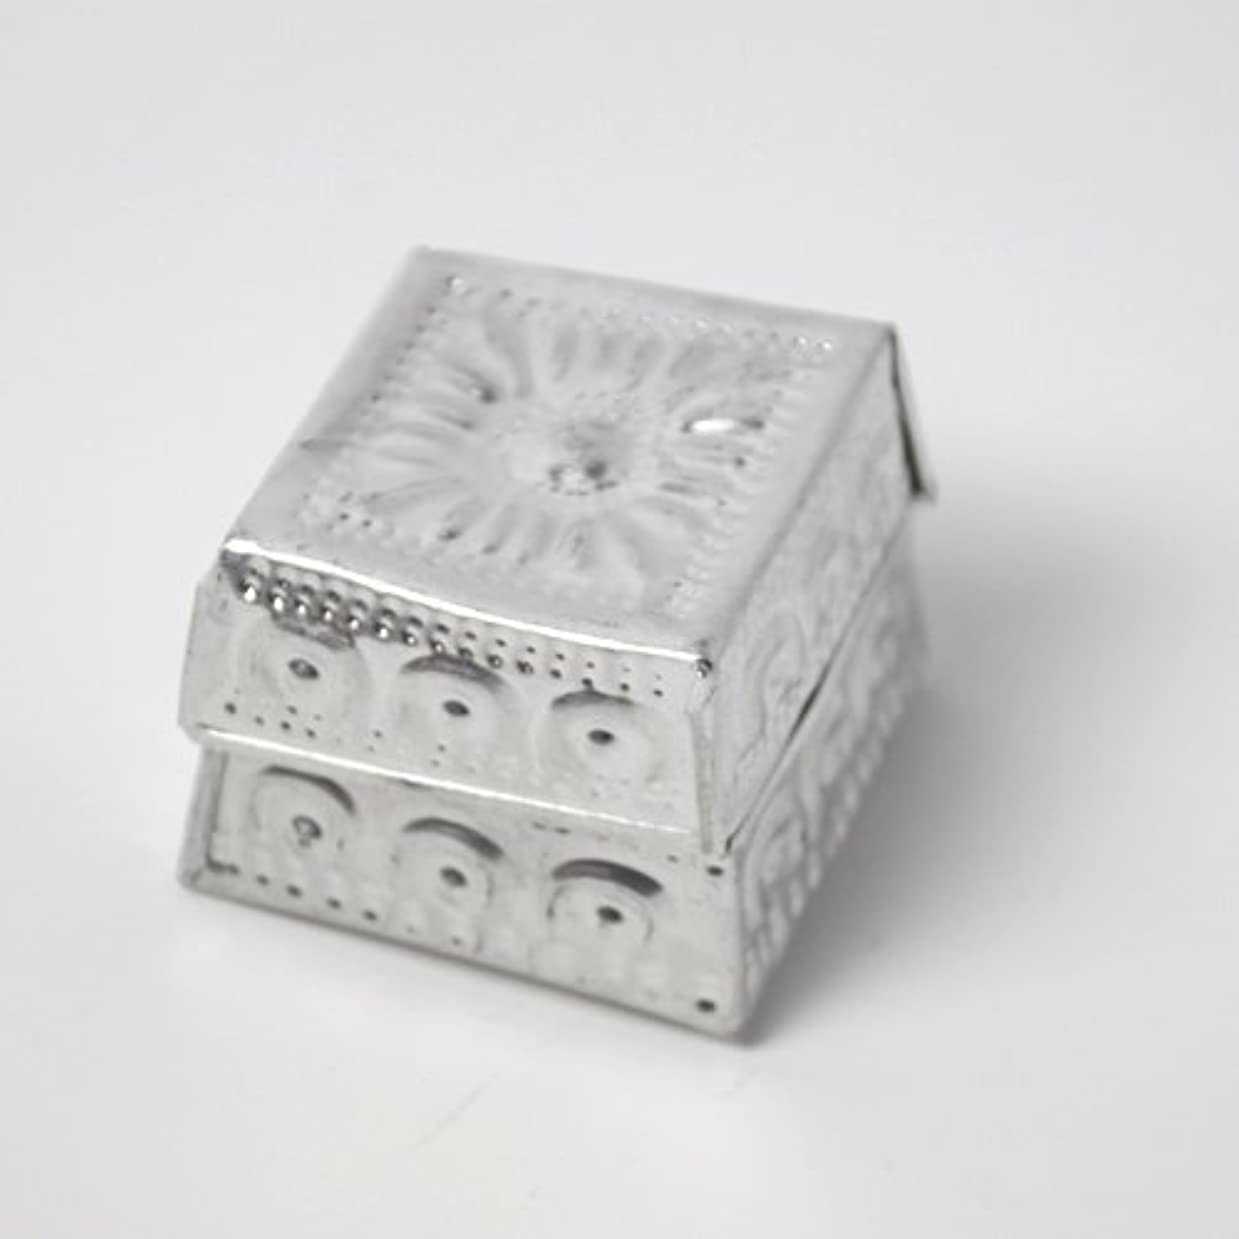 資源マーク揃えるアルミアートのボックスにはいったアロマキャンドル?四角